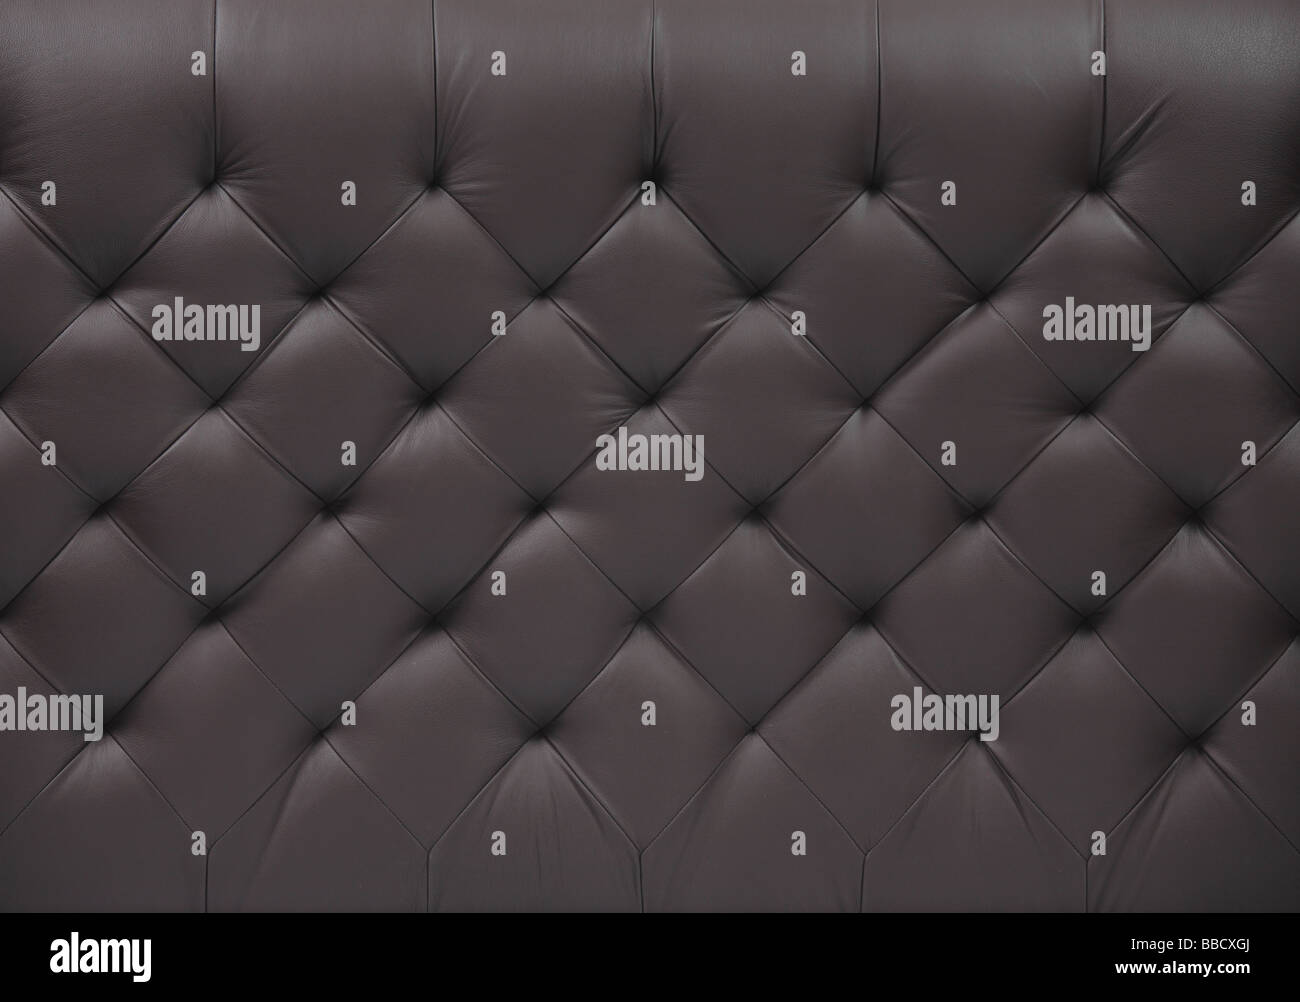 Black leather background - Stock Image